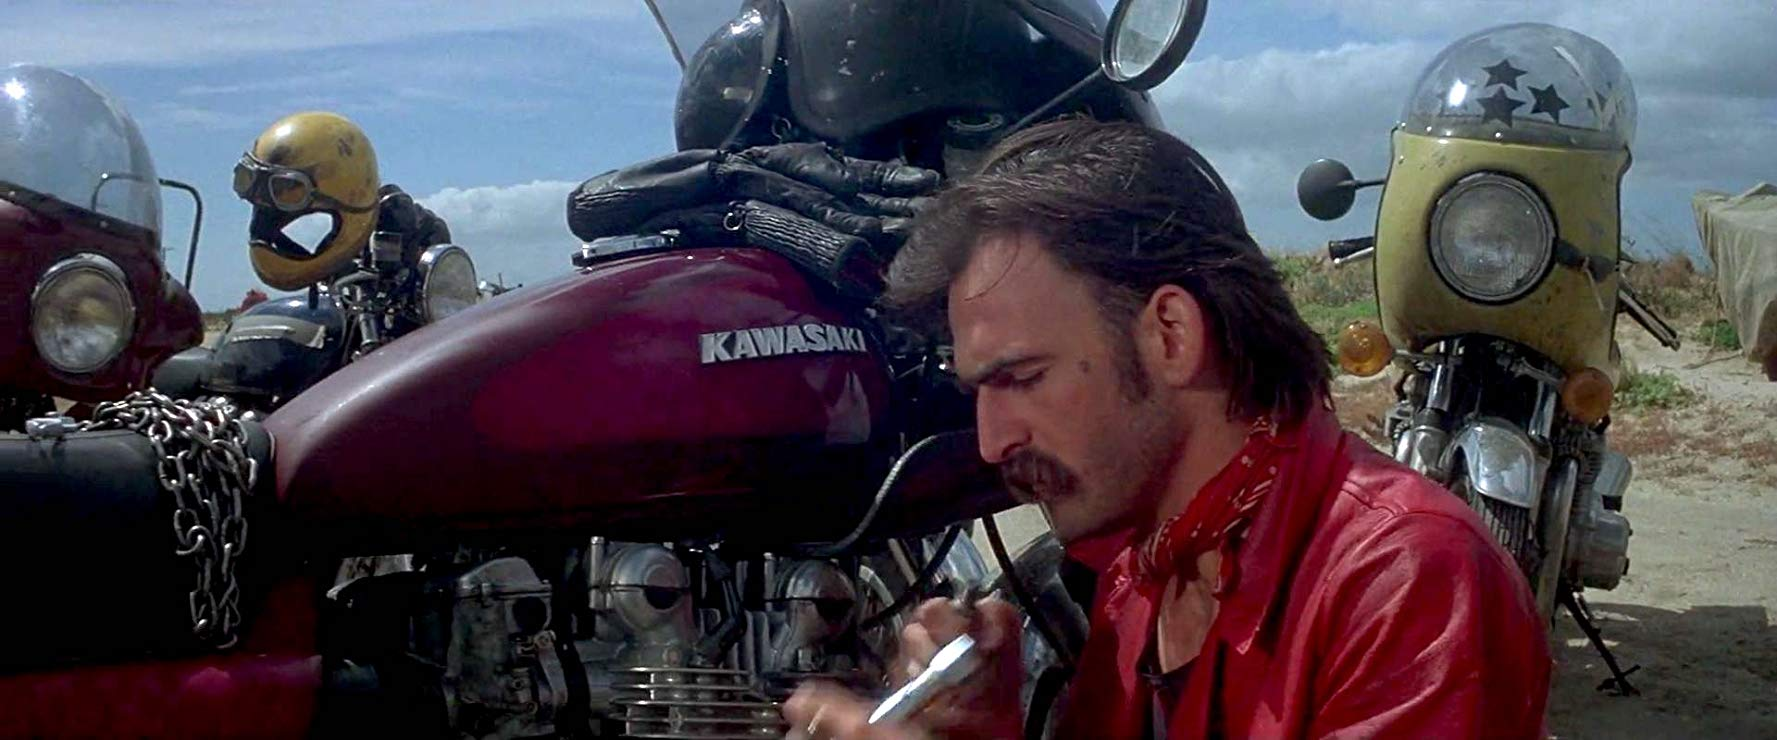 【ネタバレ】伝説になったマッドマックスの車とバイク